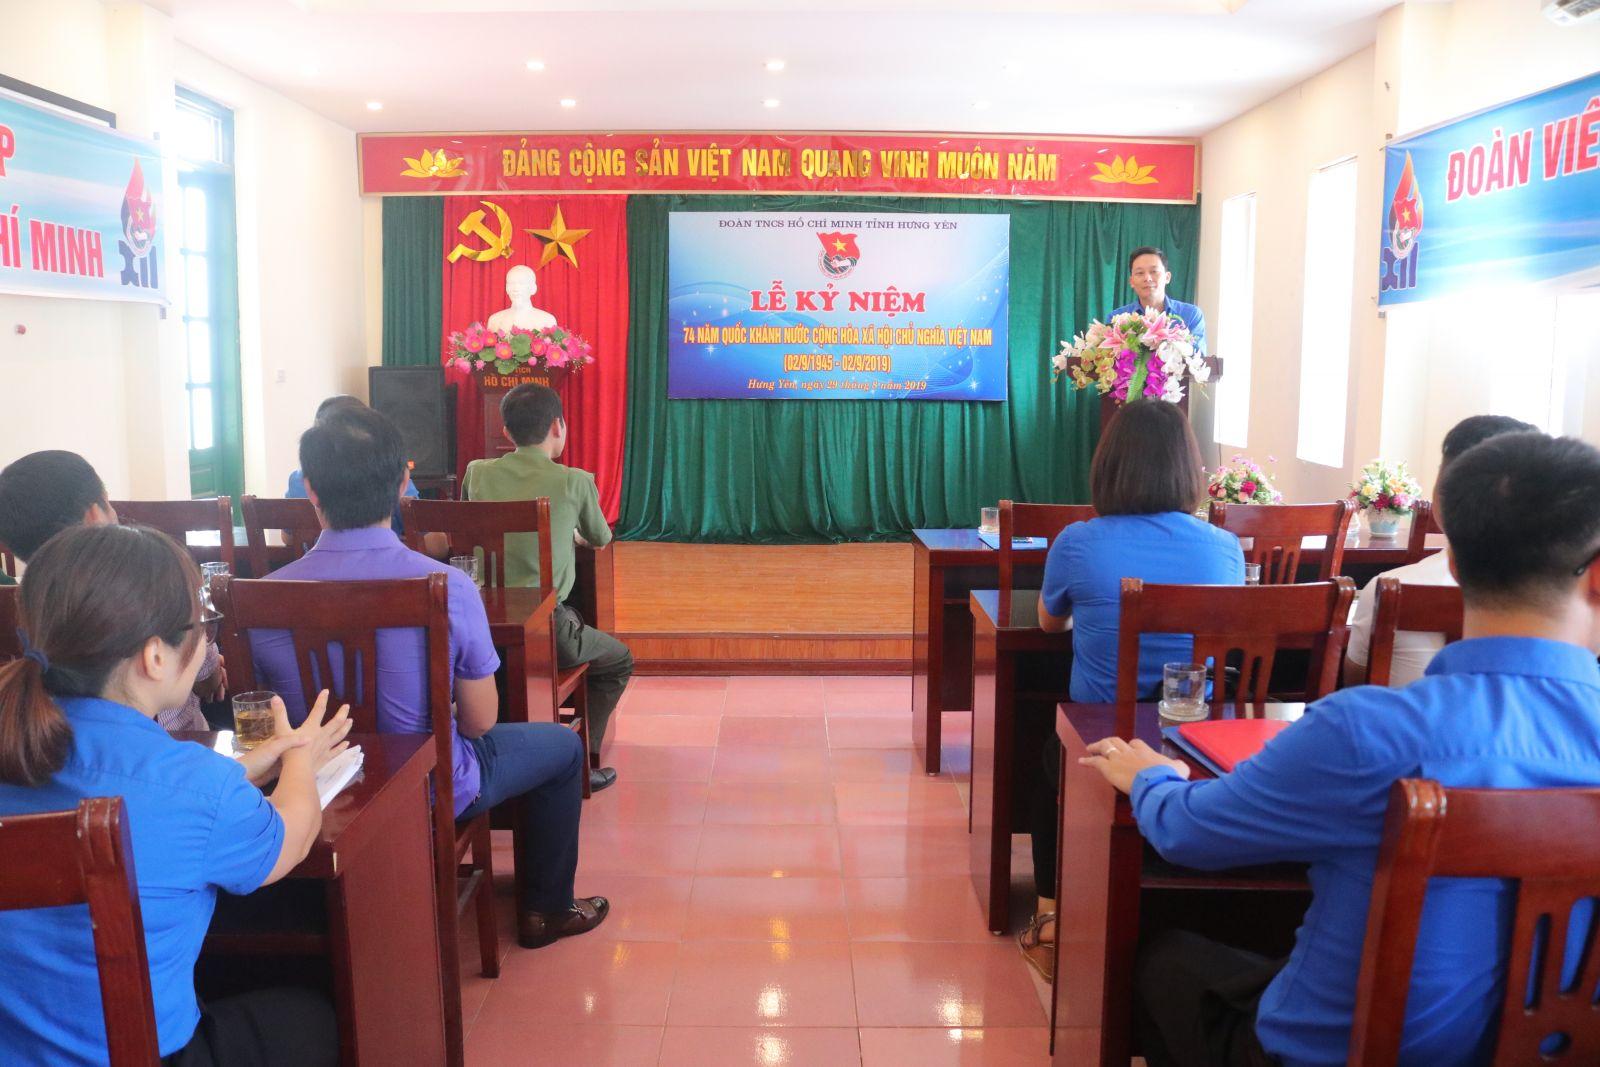 Lễ Kỷ niệm 74 năm Quốc khánh  nước Cộng hòa xã hội chủ nghĩa Việt Nam